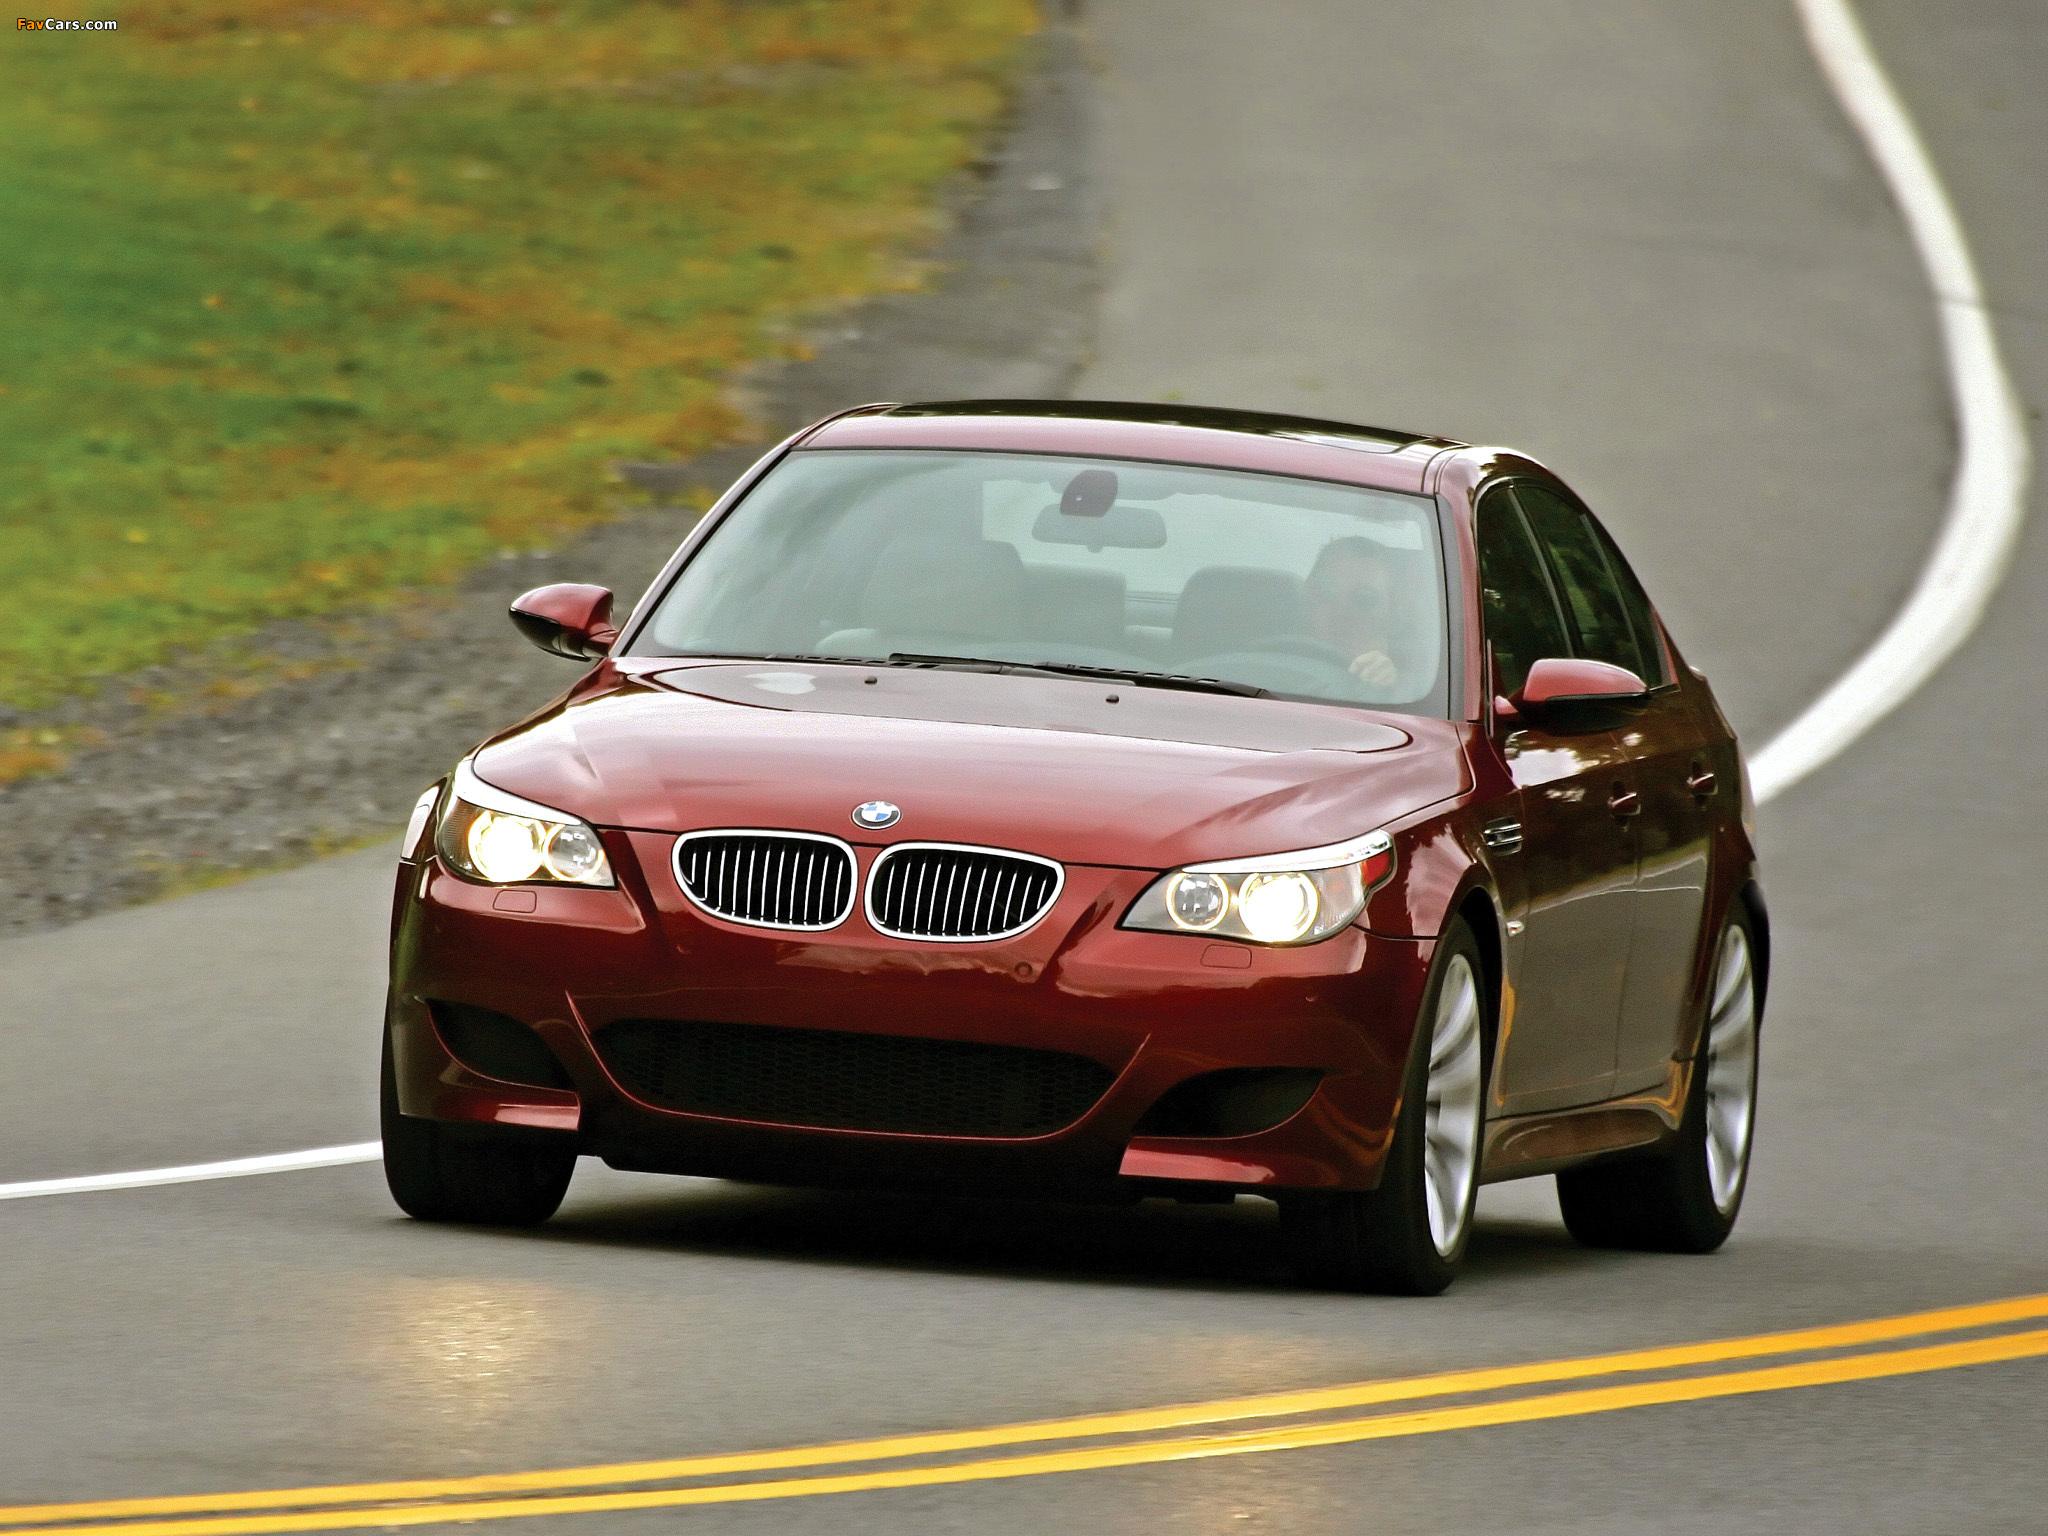 Перестали гореть оба кольца «ангельских глазок» в фарах BMW 5 E60 с одной из сторон